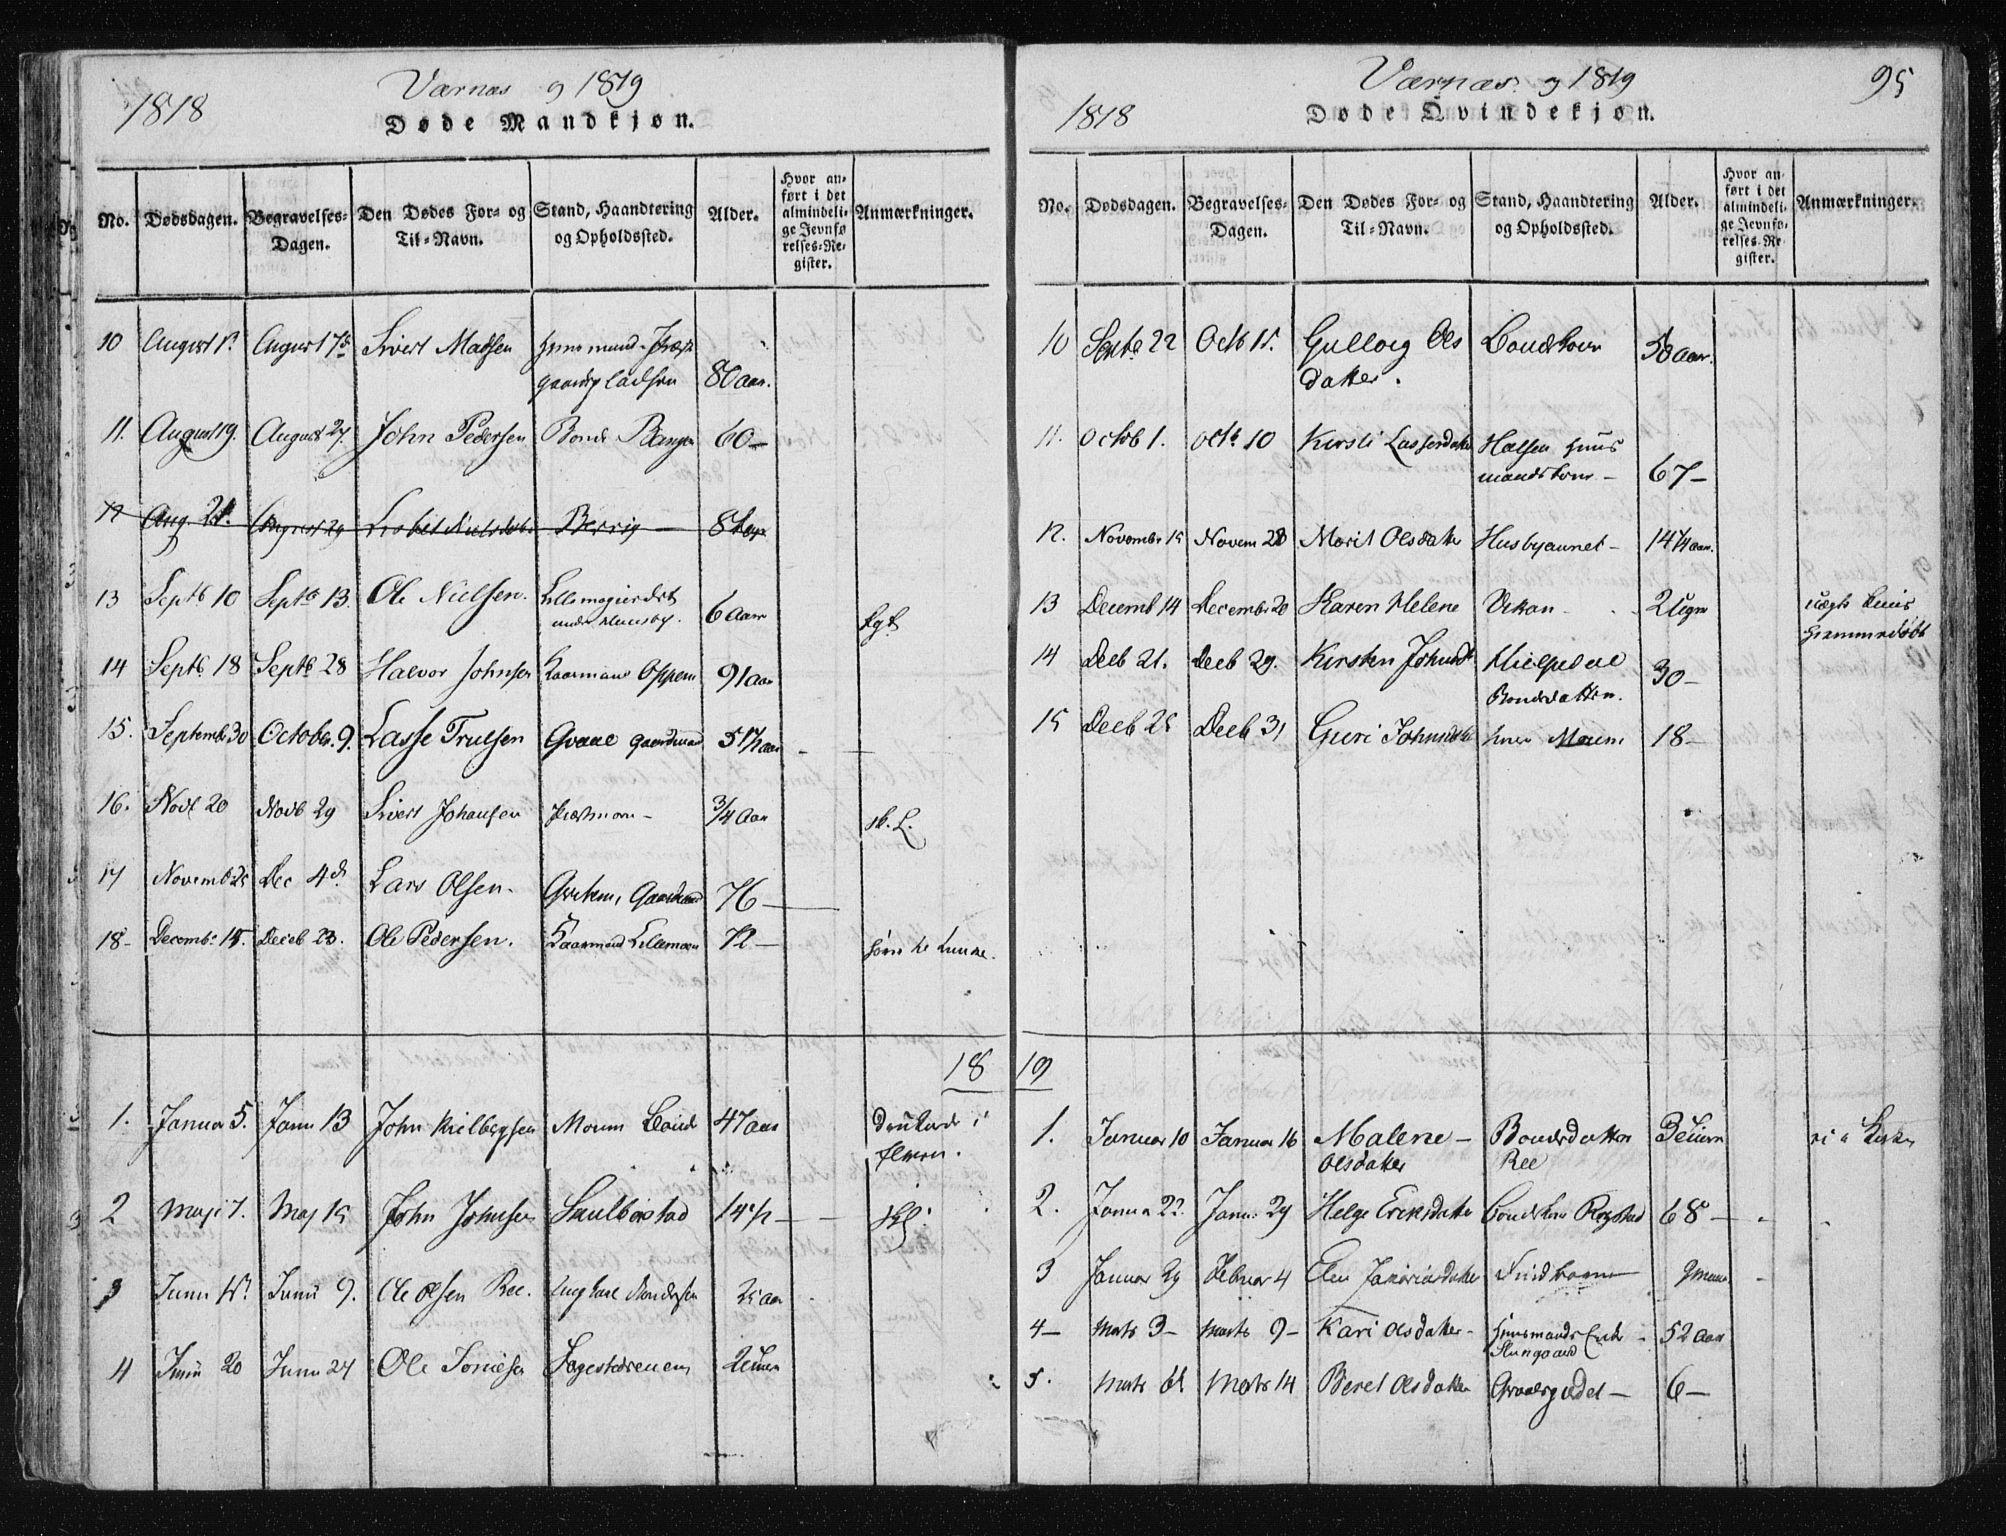 SAT, Ministerialprotokoller, klokkerbøker og fødselsregistre - Nord-Trøndelag, 709/L0061: Ministerialbok nr. 709A08 /1, 1815-1819, s. 95